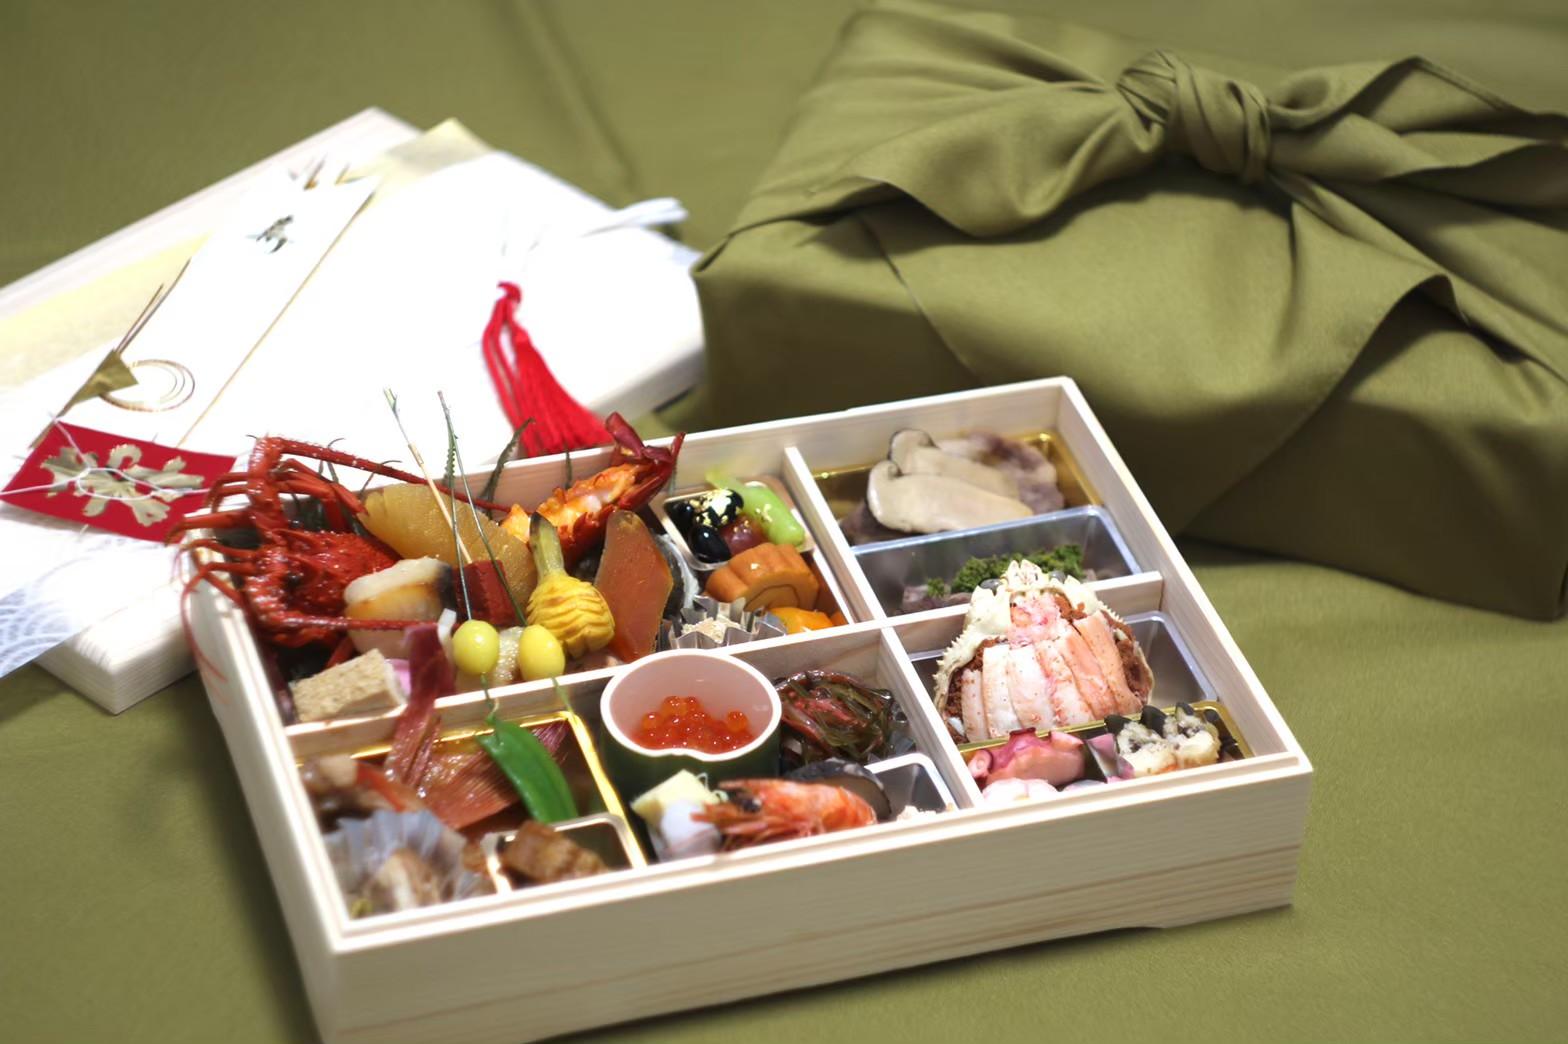 2022  おせちのご案内<p>日本料理みつわより、 新春を彩るおせちのご案内です。 厳選された食材に匠の技を加え、 一品一品丁寧にお作りいたします。 一人前 27,000円 伊勢海老・きんき煮・とちぎ和牛花山椒すき焼・鮑など 贅沢なごちそうを特別仕様 […]</p>